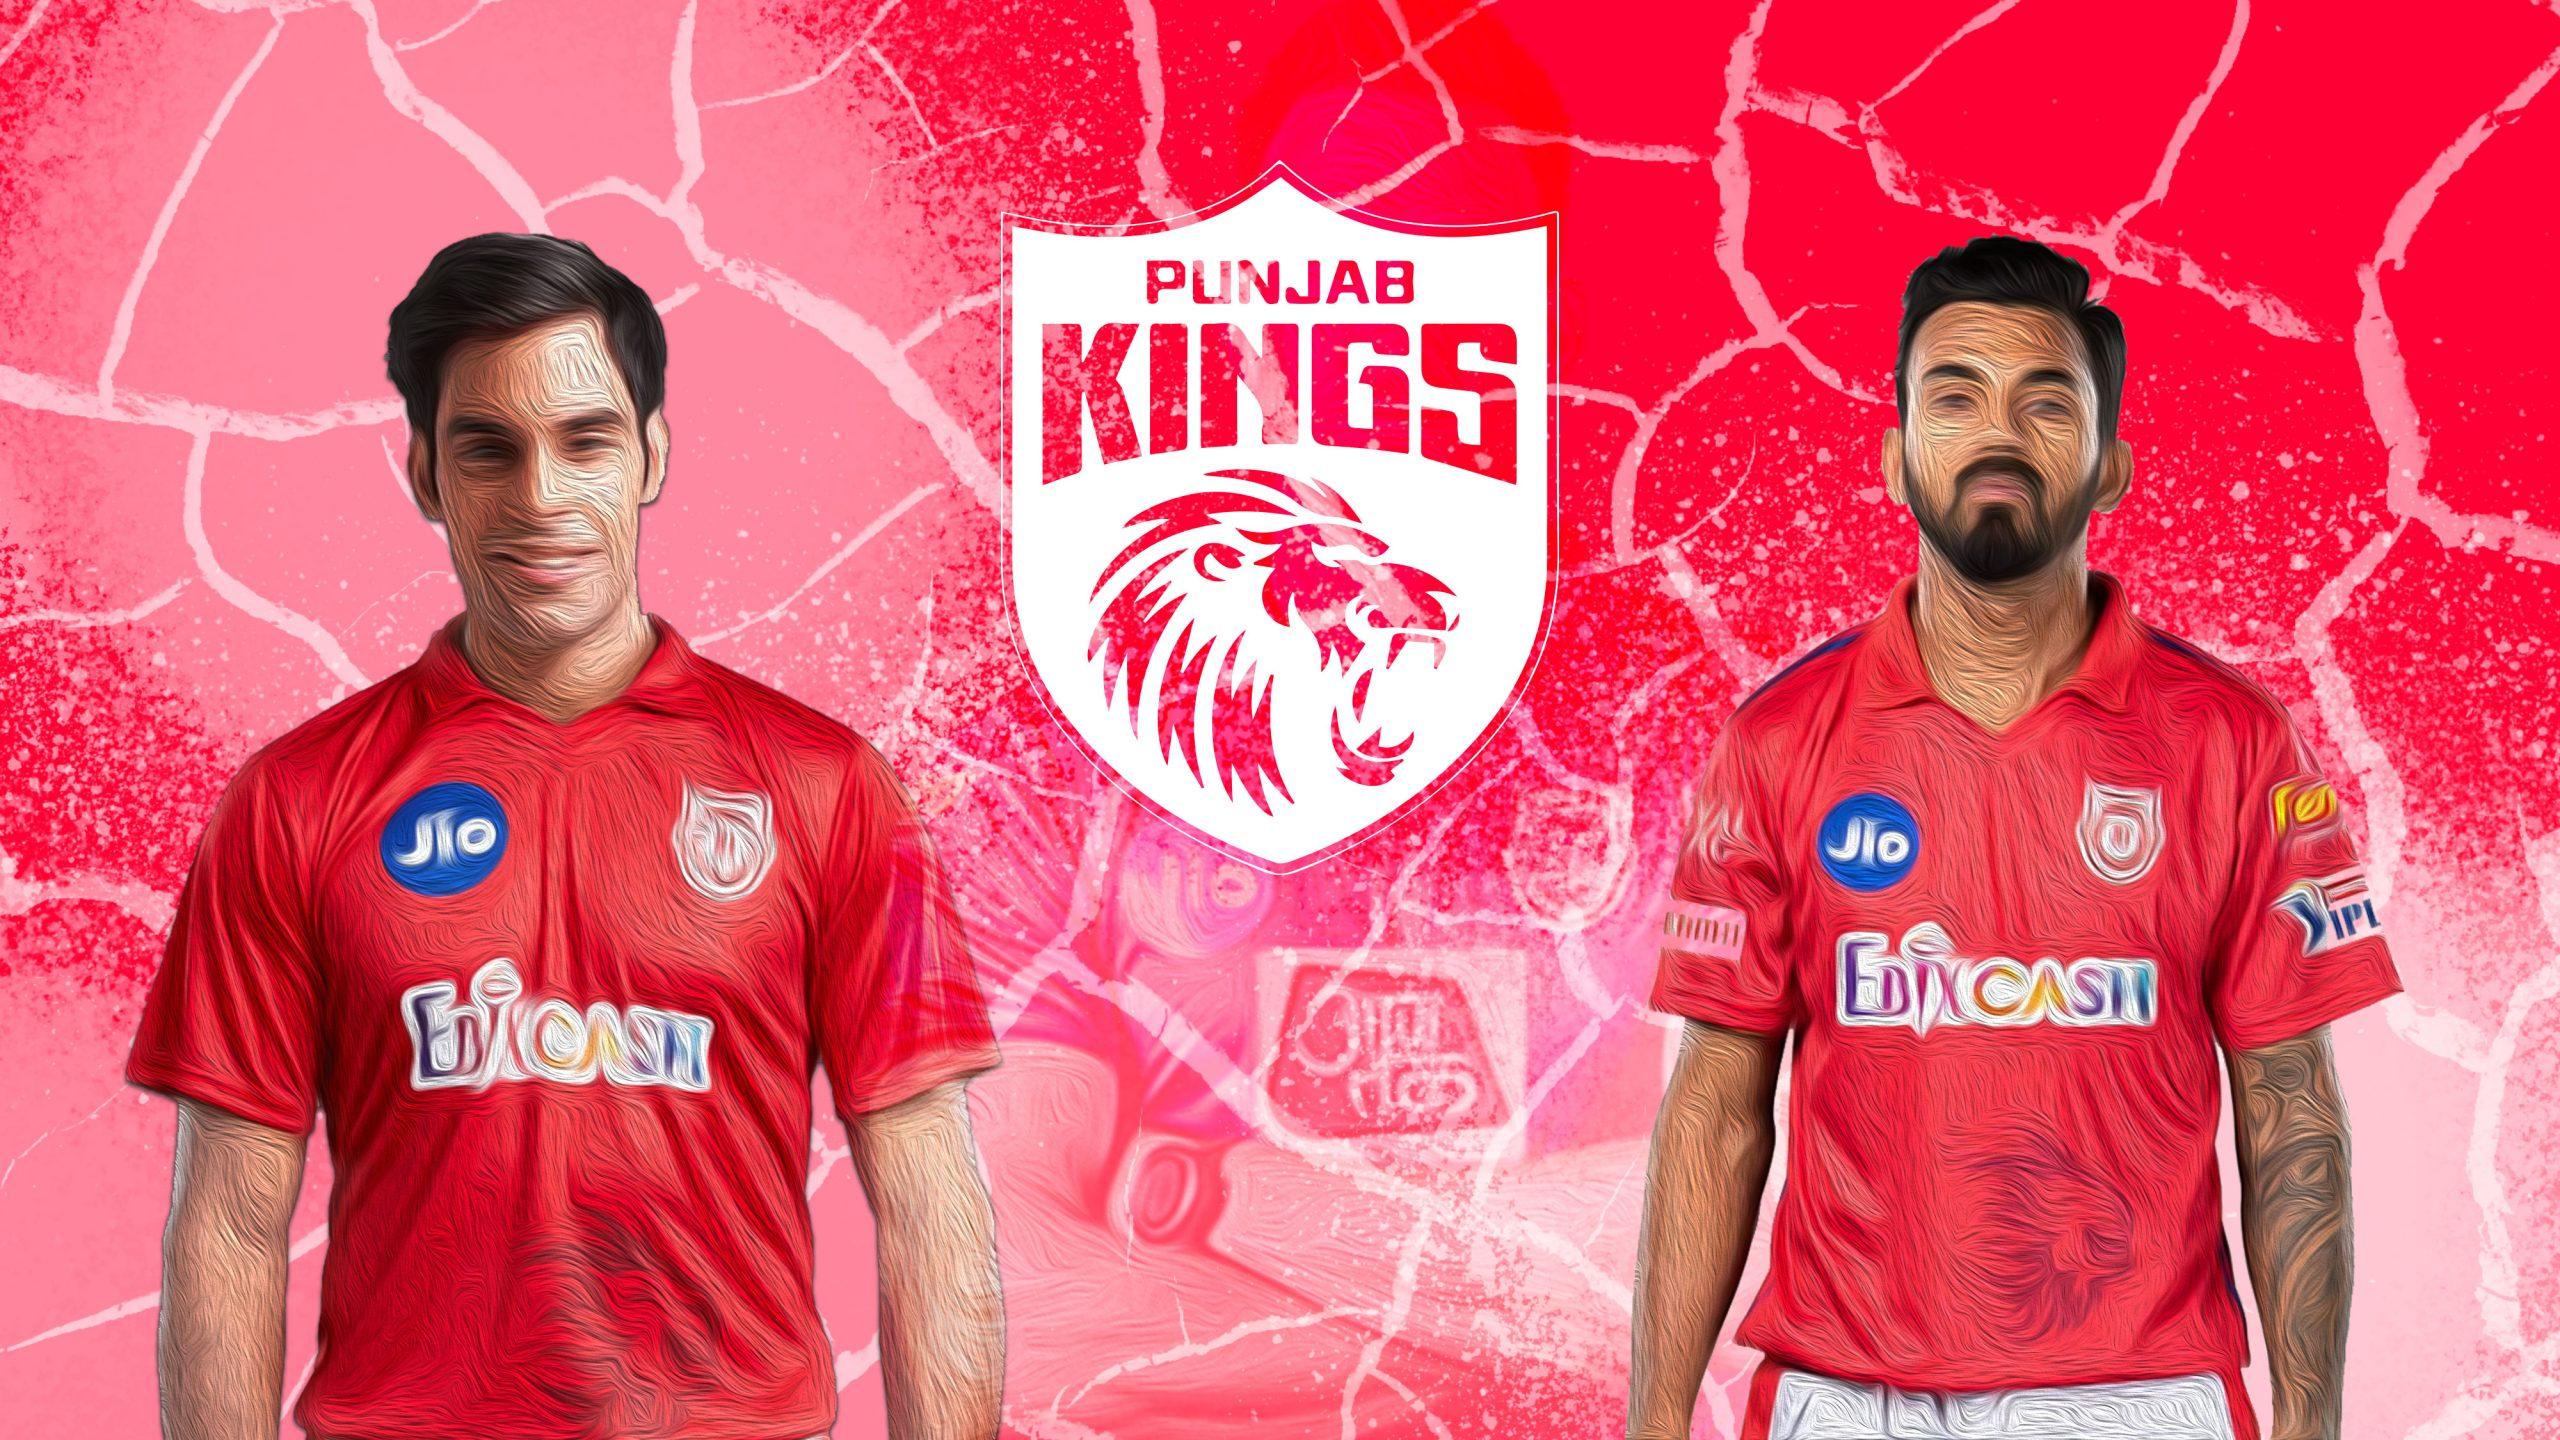 IPL team Kings eleven Punjab